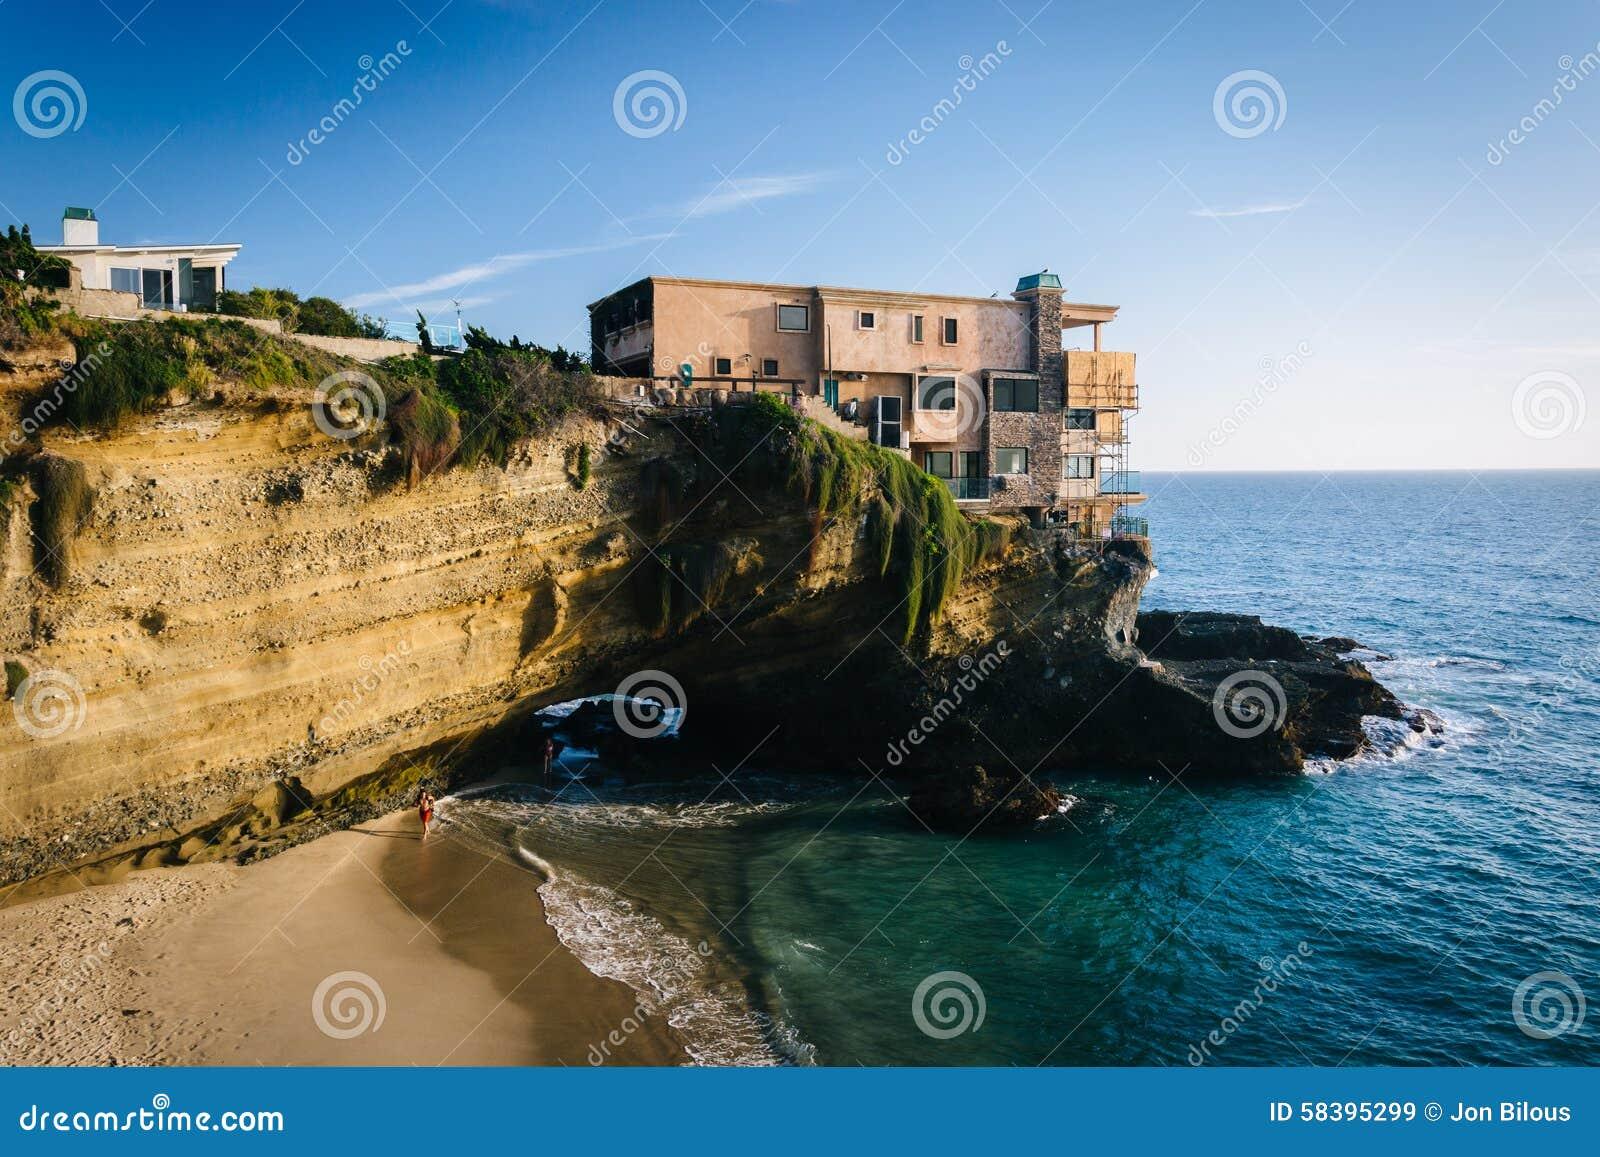 La vue d 39 une maison sur une falaise et une petite crique - Magnifique maison avec vue la laguna beach ...